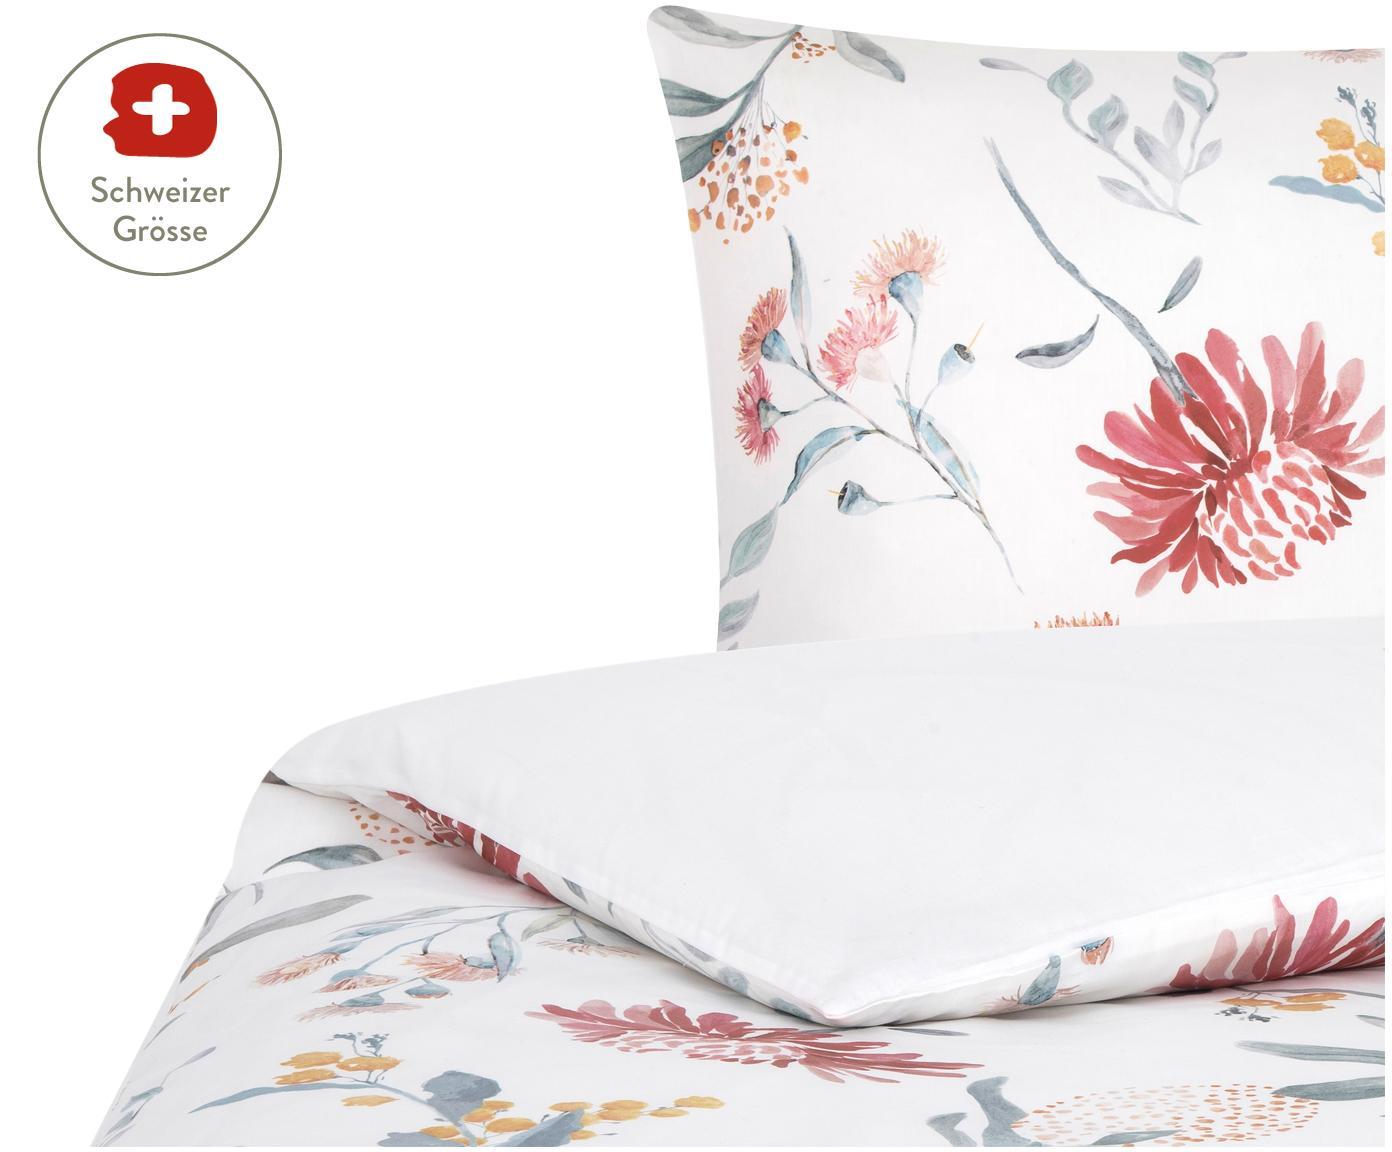 Baumwollsatin-Wendeduvetbezug Evie mit Aquarell Blumen-Muster, Webart: Satin Fadendichte 210 TC, Floraler Druck, Weiss, 160 x 210 cm